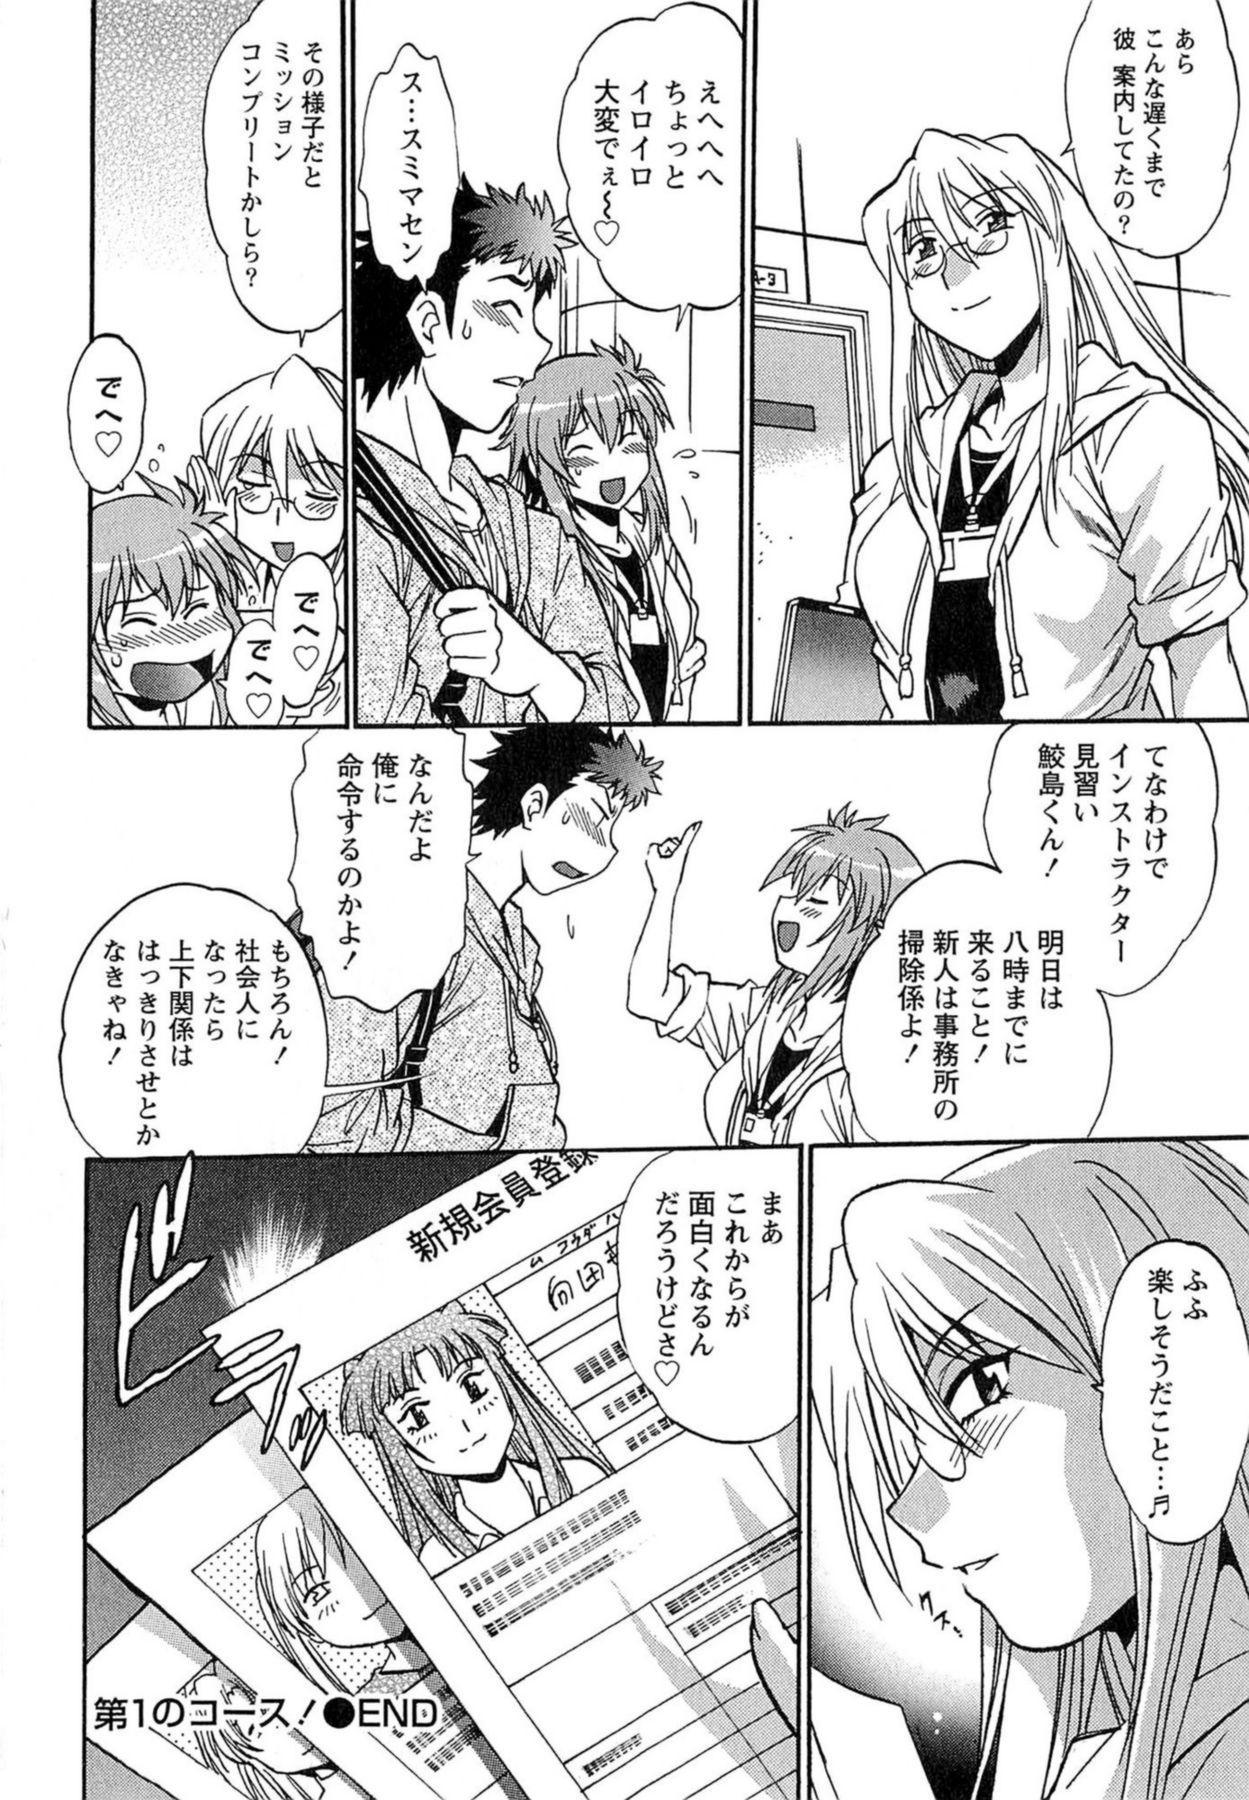 Kuikomi wo Naoshiteru Hima wa Nai! Vol. 1 34